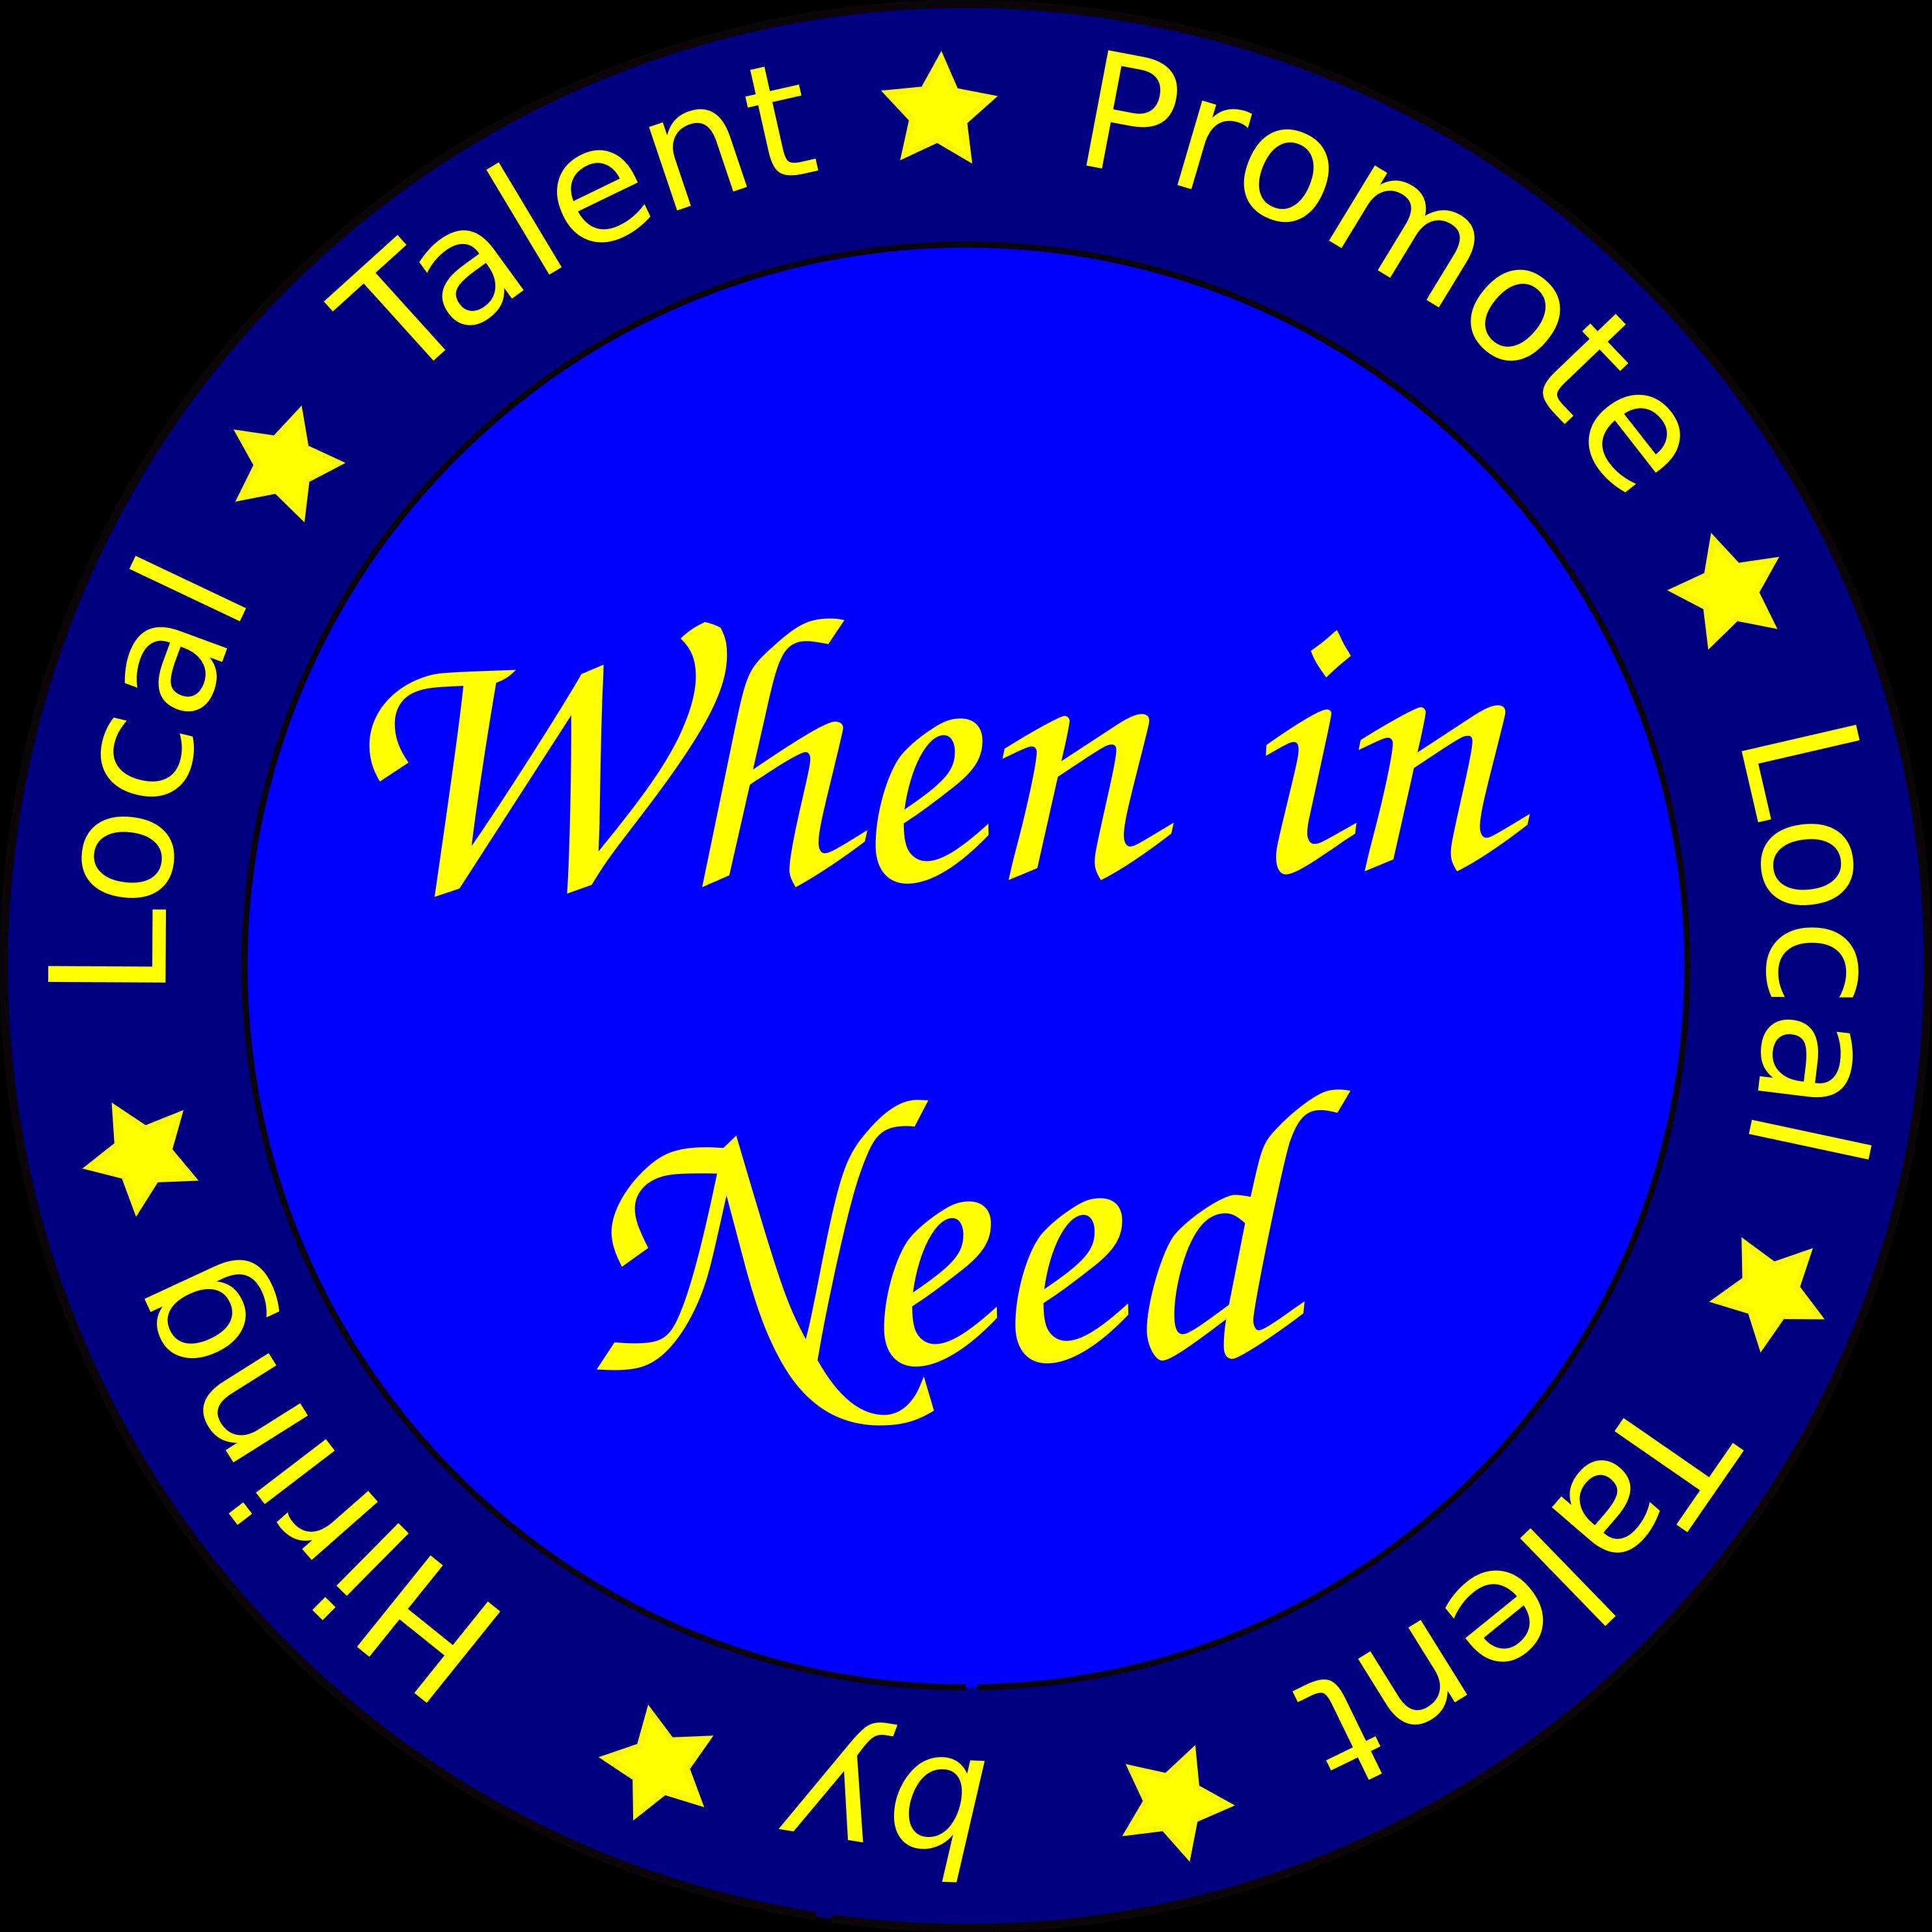 WhenInNeed.org